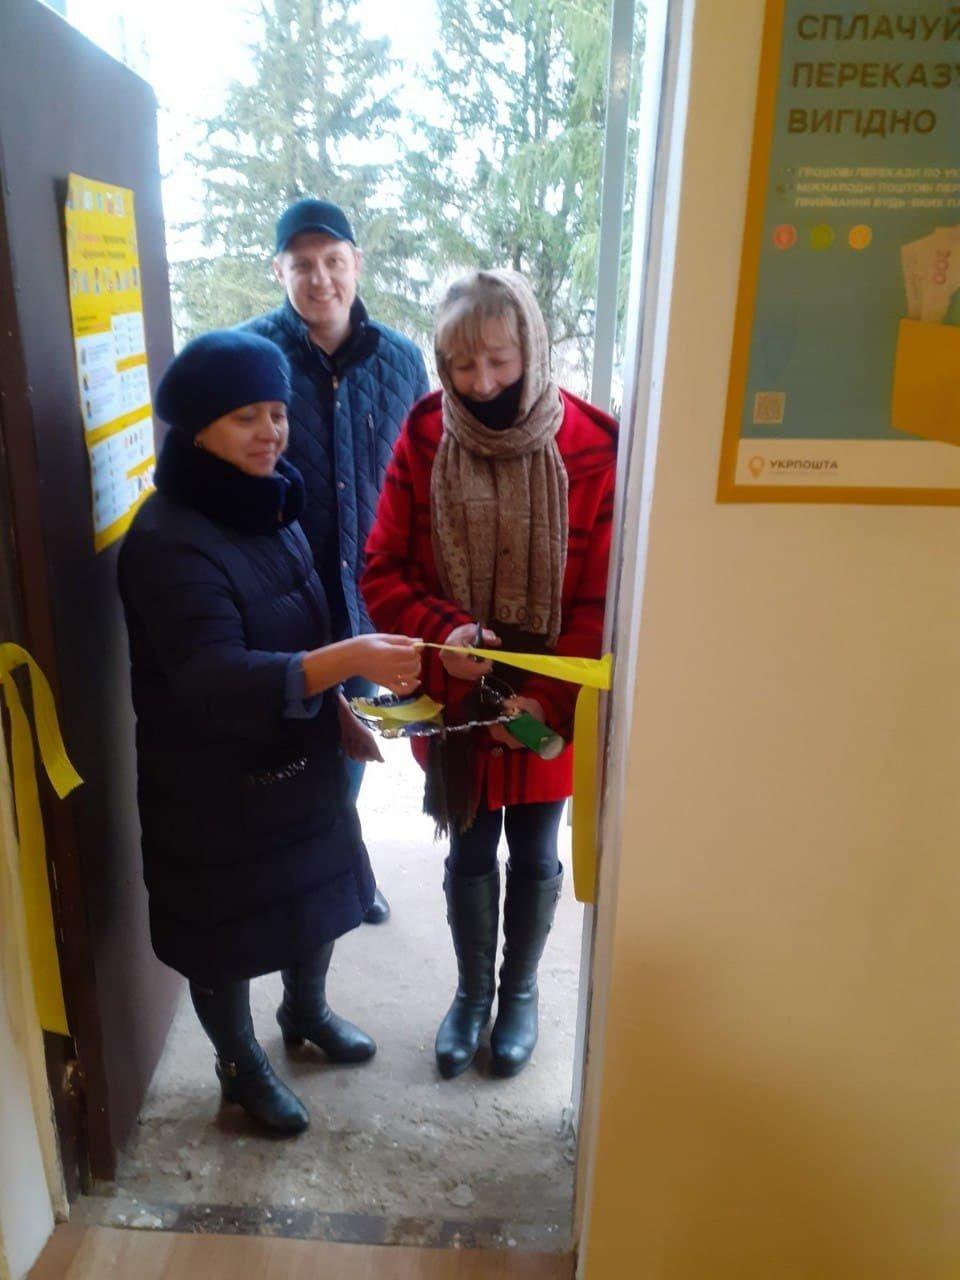 Відкриття сучасного відділення Укрпошти у с. Грушка, Фото: Староушицька громада